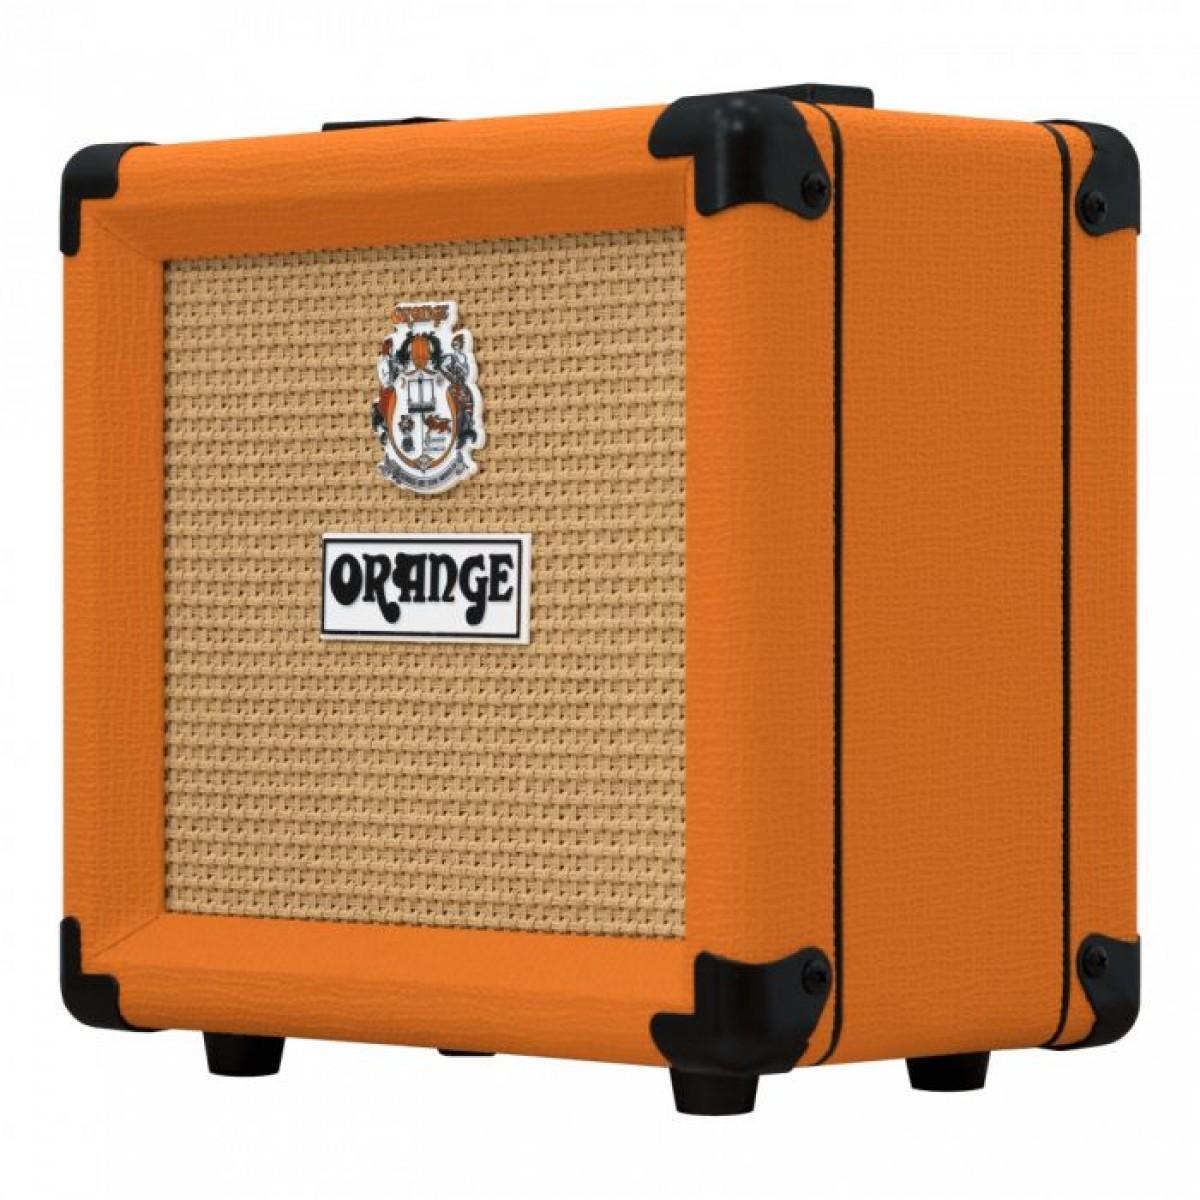 orange ppc108 1x8 guitar speaker cabinet. Black Bedroom Furniture Sets. Home Design Ideas